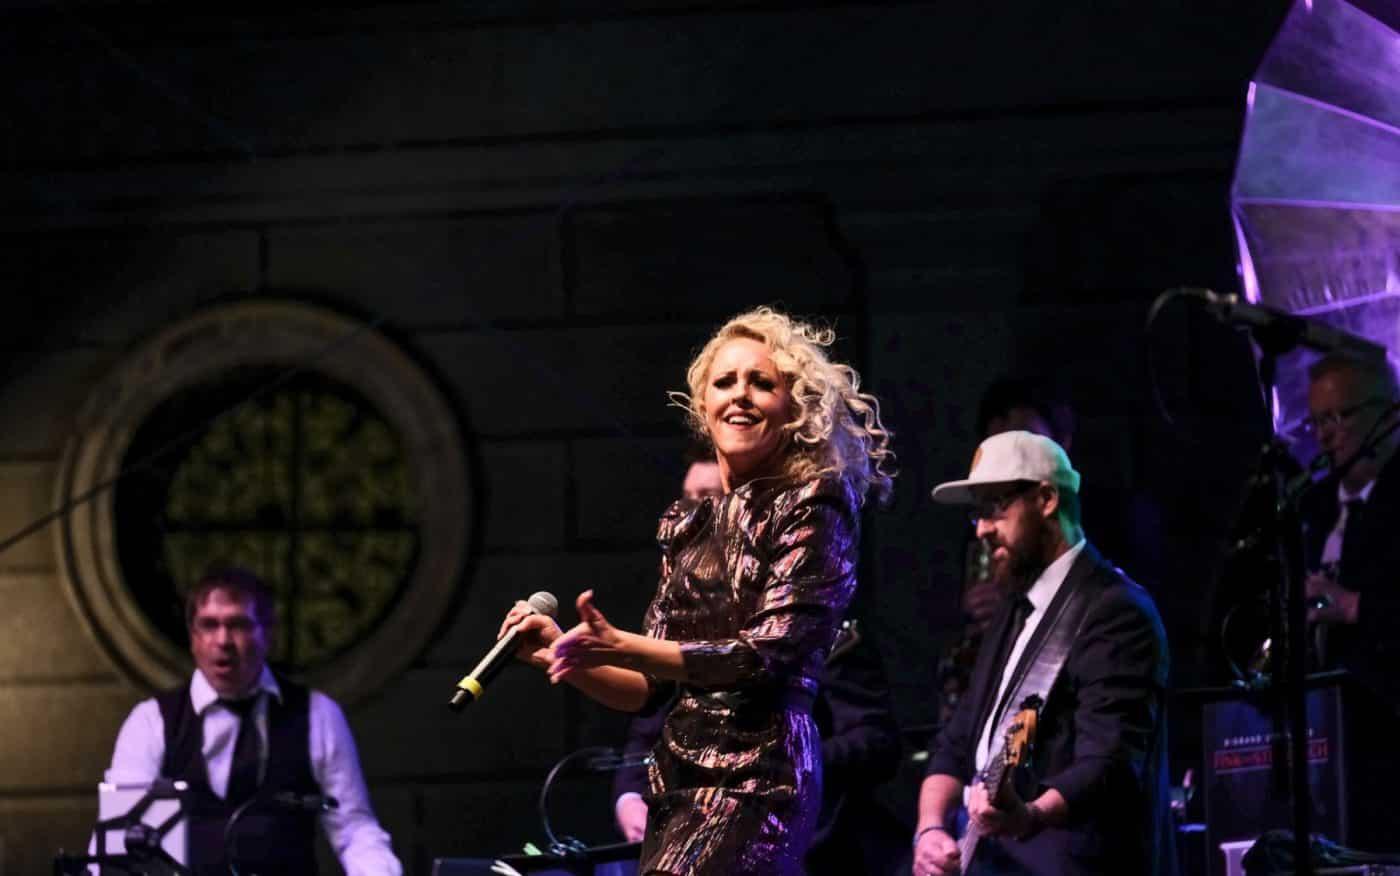 Sofia Andersson begeistert als Sängerin und Entertainerin mit der Bigband STEINBACH.